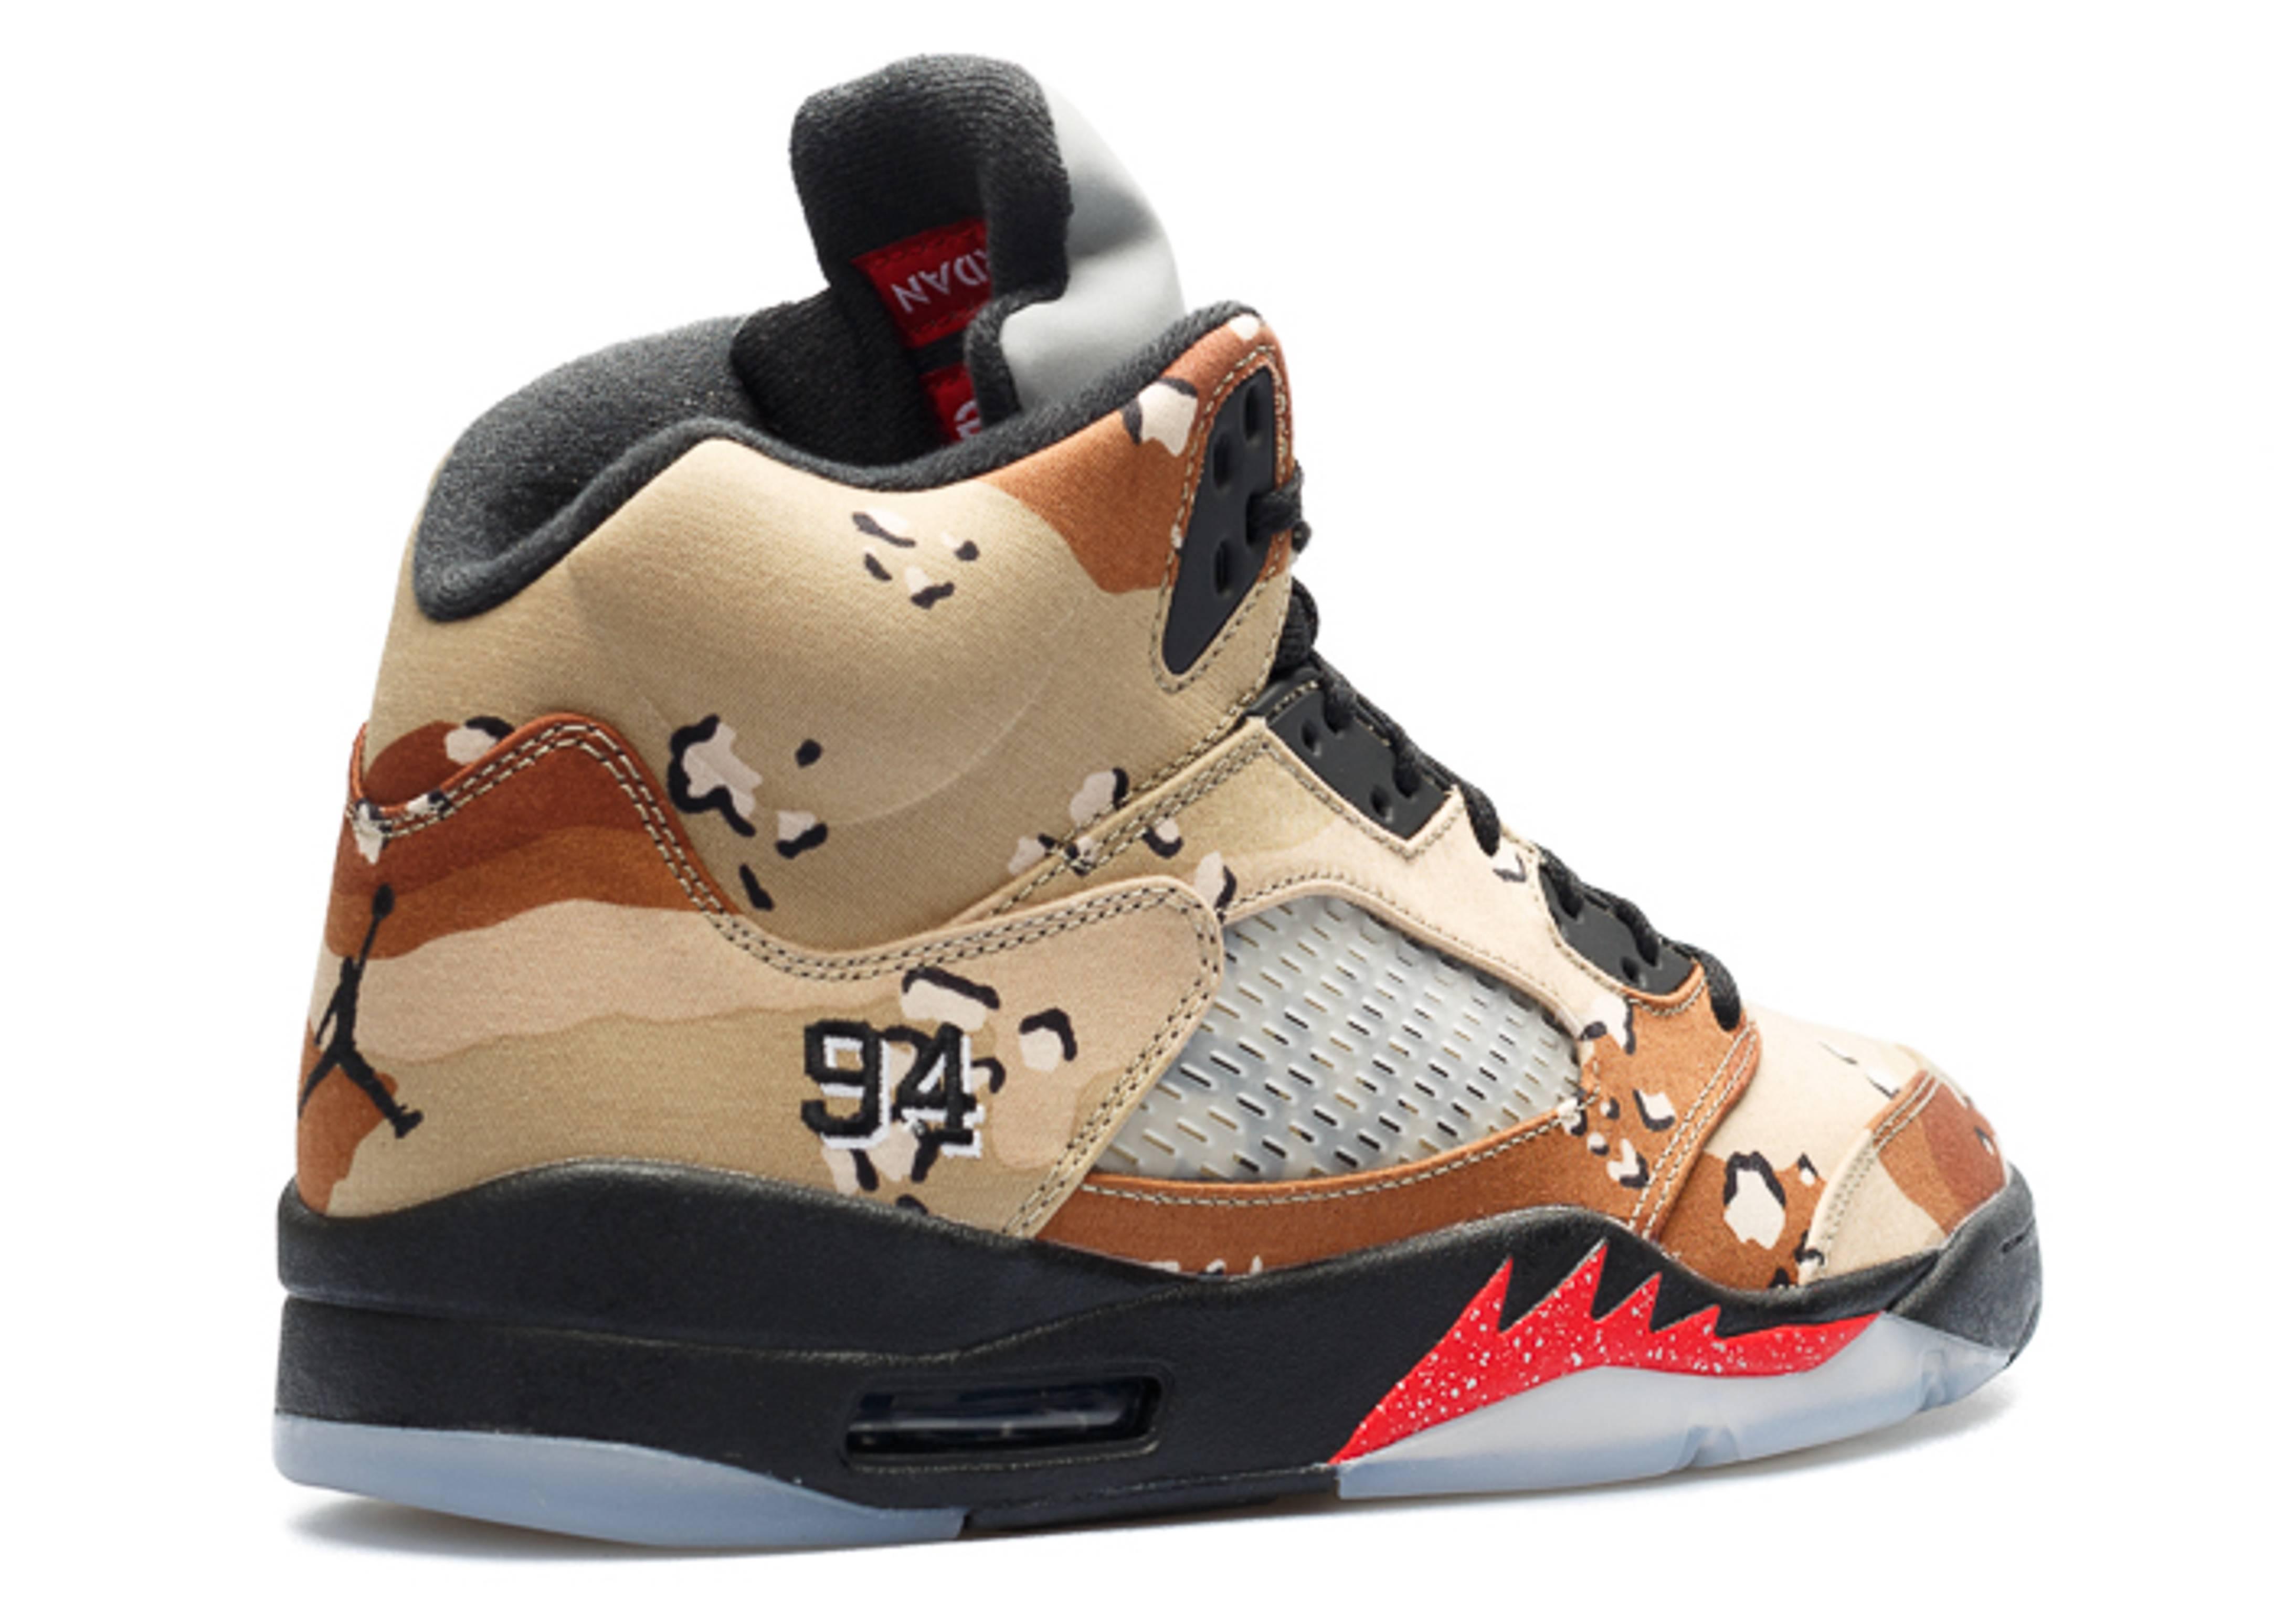 promo code b1cff 2a2c1 Air Jordan 5 Retro Supreme